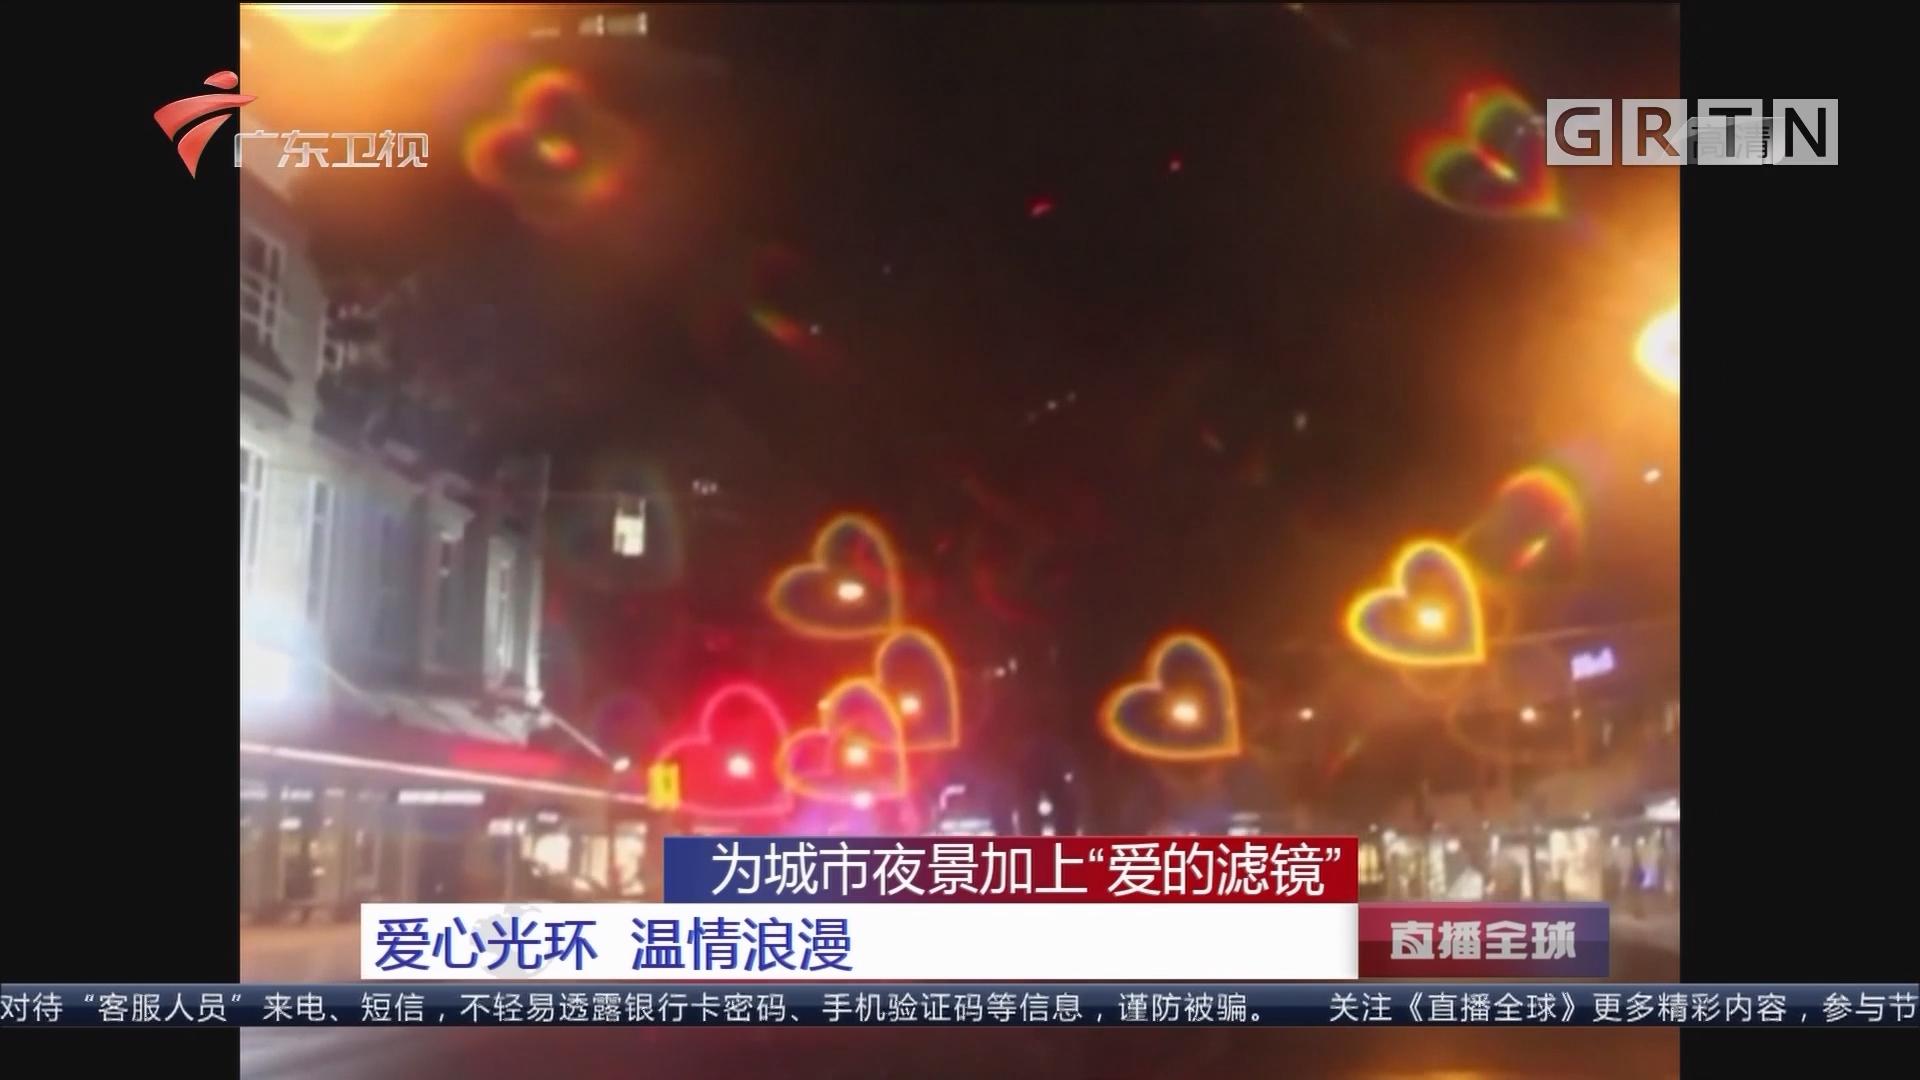 """为城市夜景加上""""爱的滤镜"""":爱心光环 温情浪漫"""